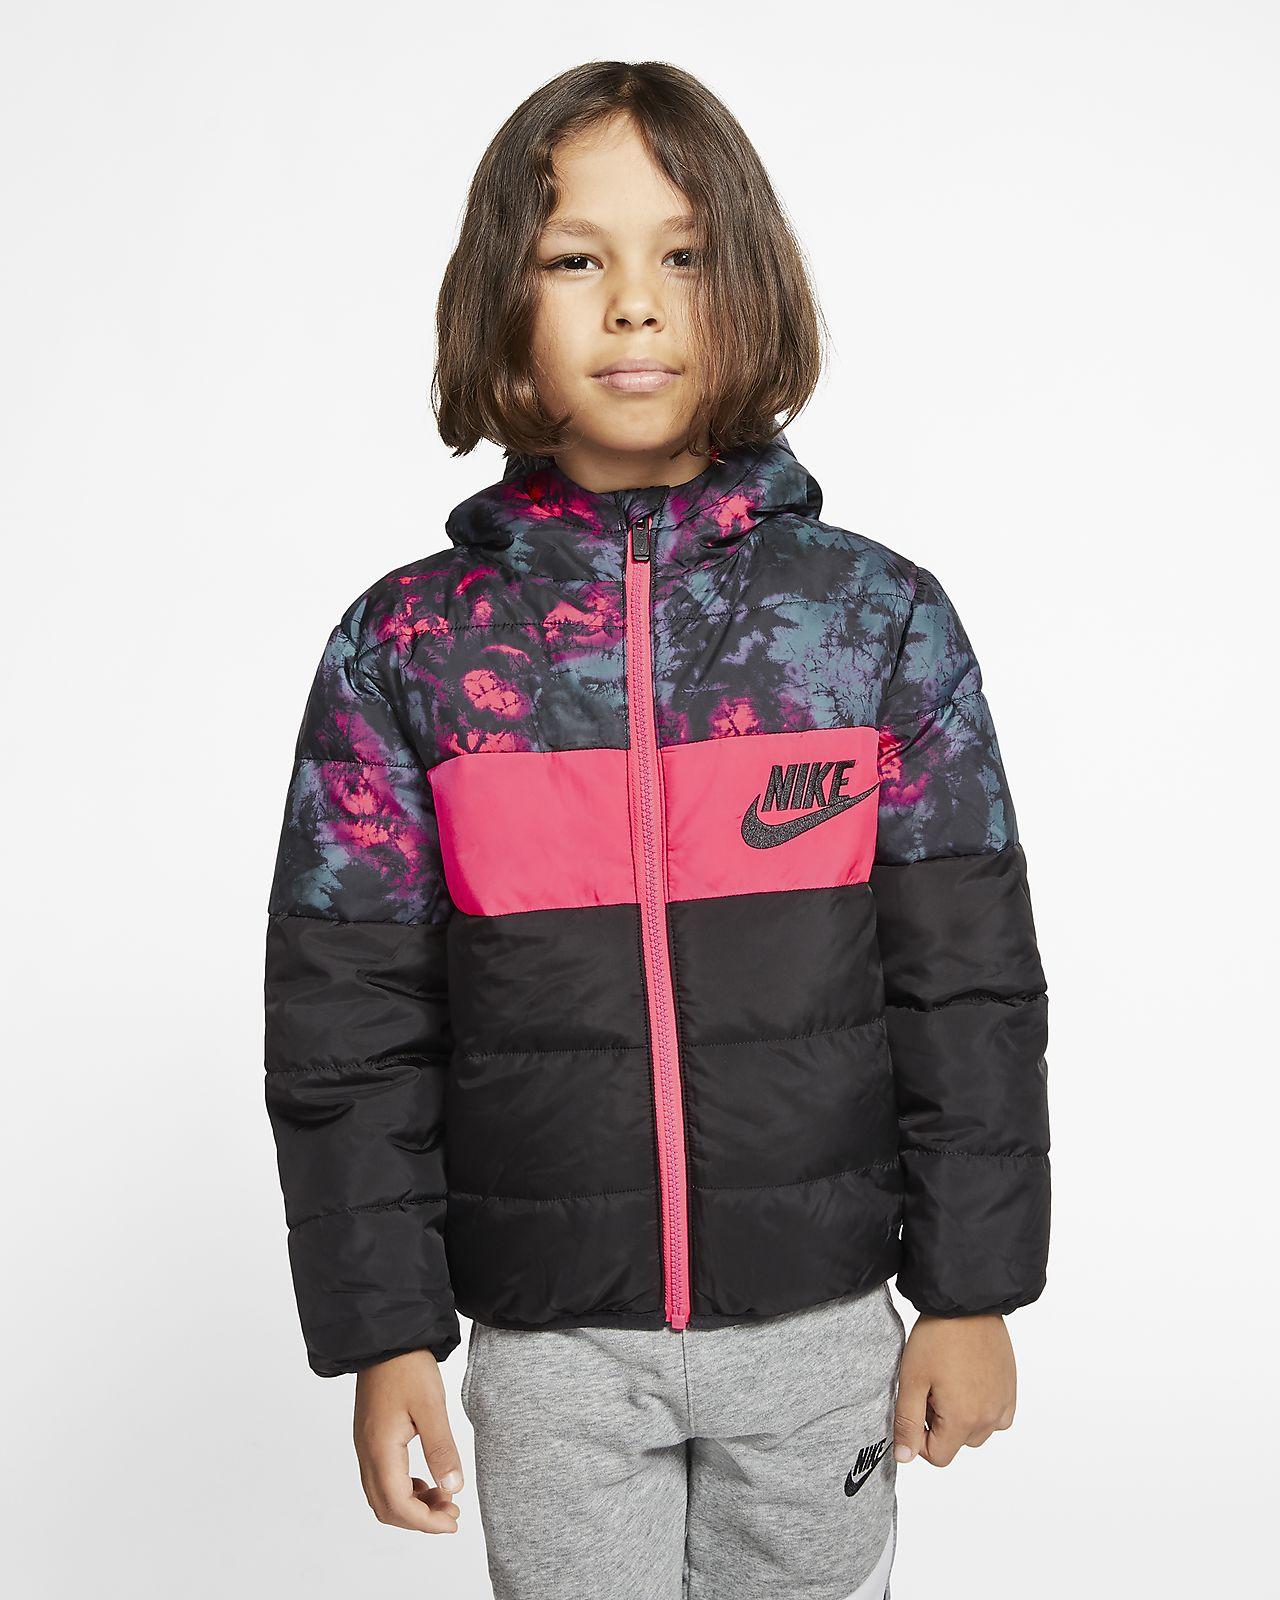 Nike Sportswear Little Kids' Full-Zip Puffer Jacket